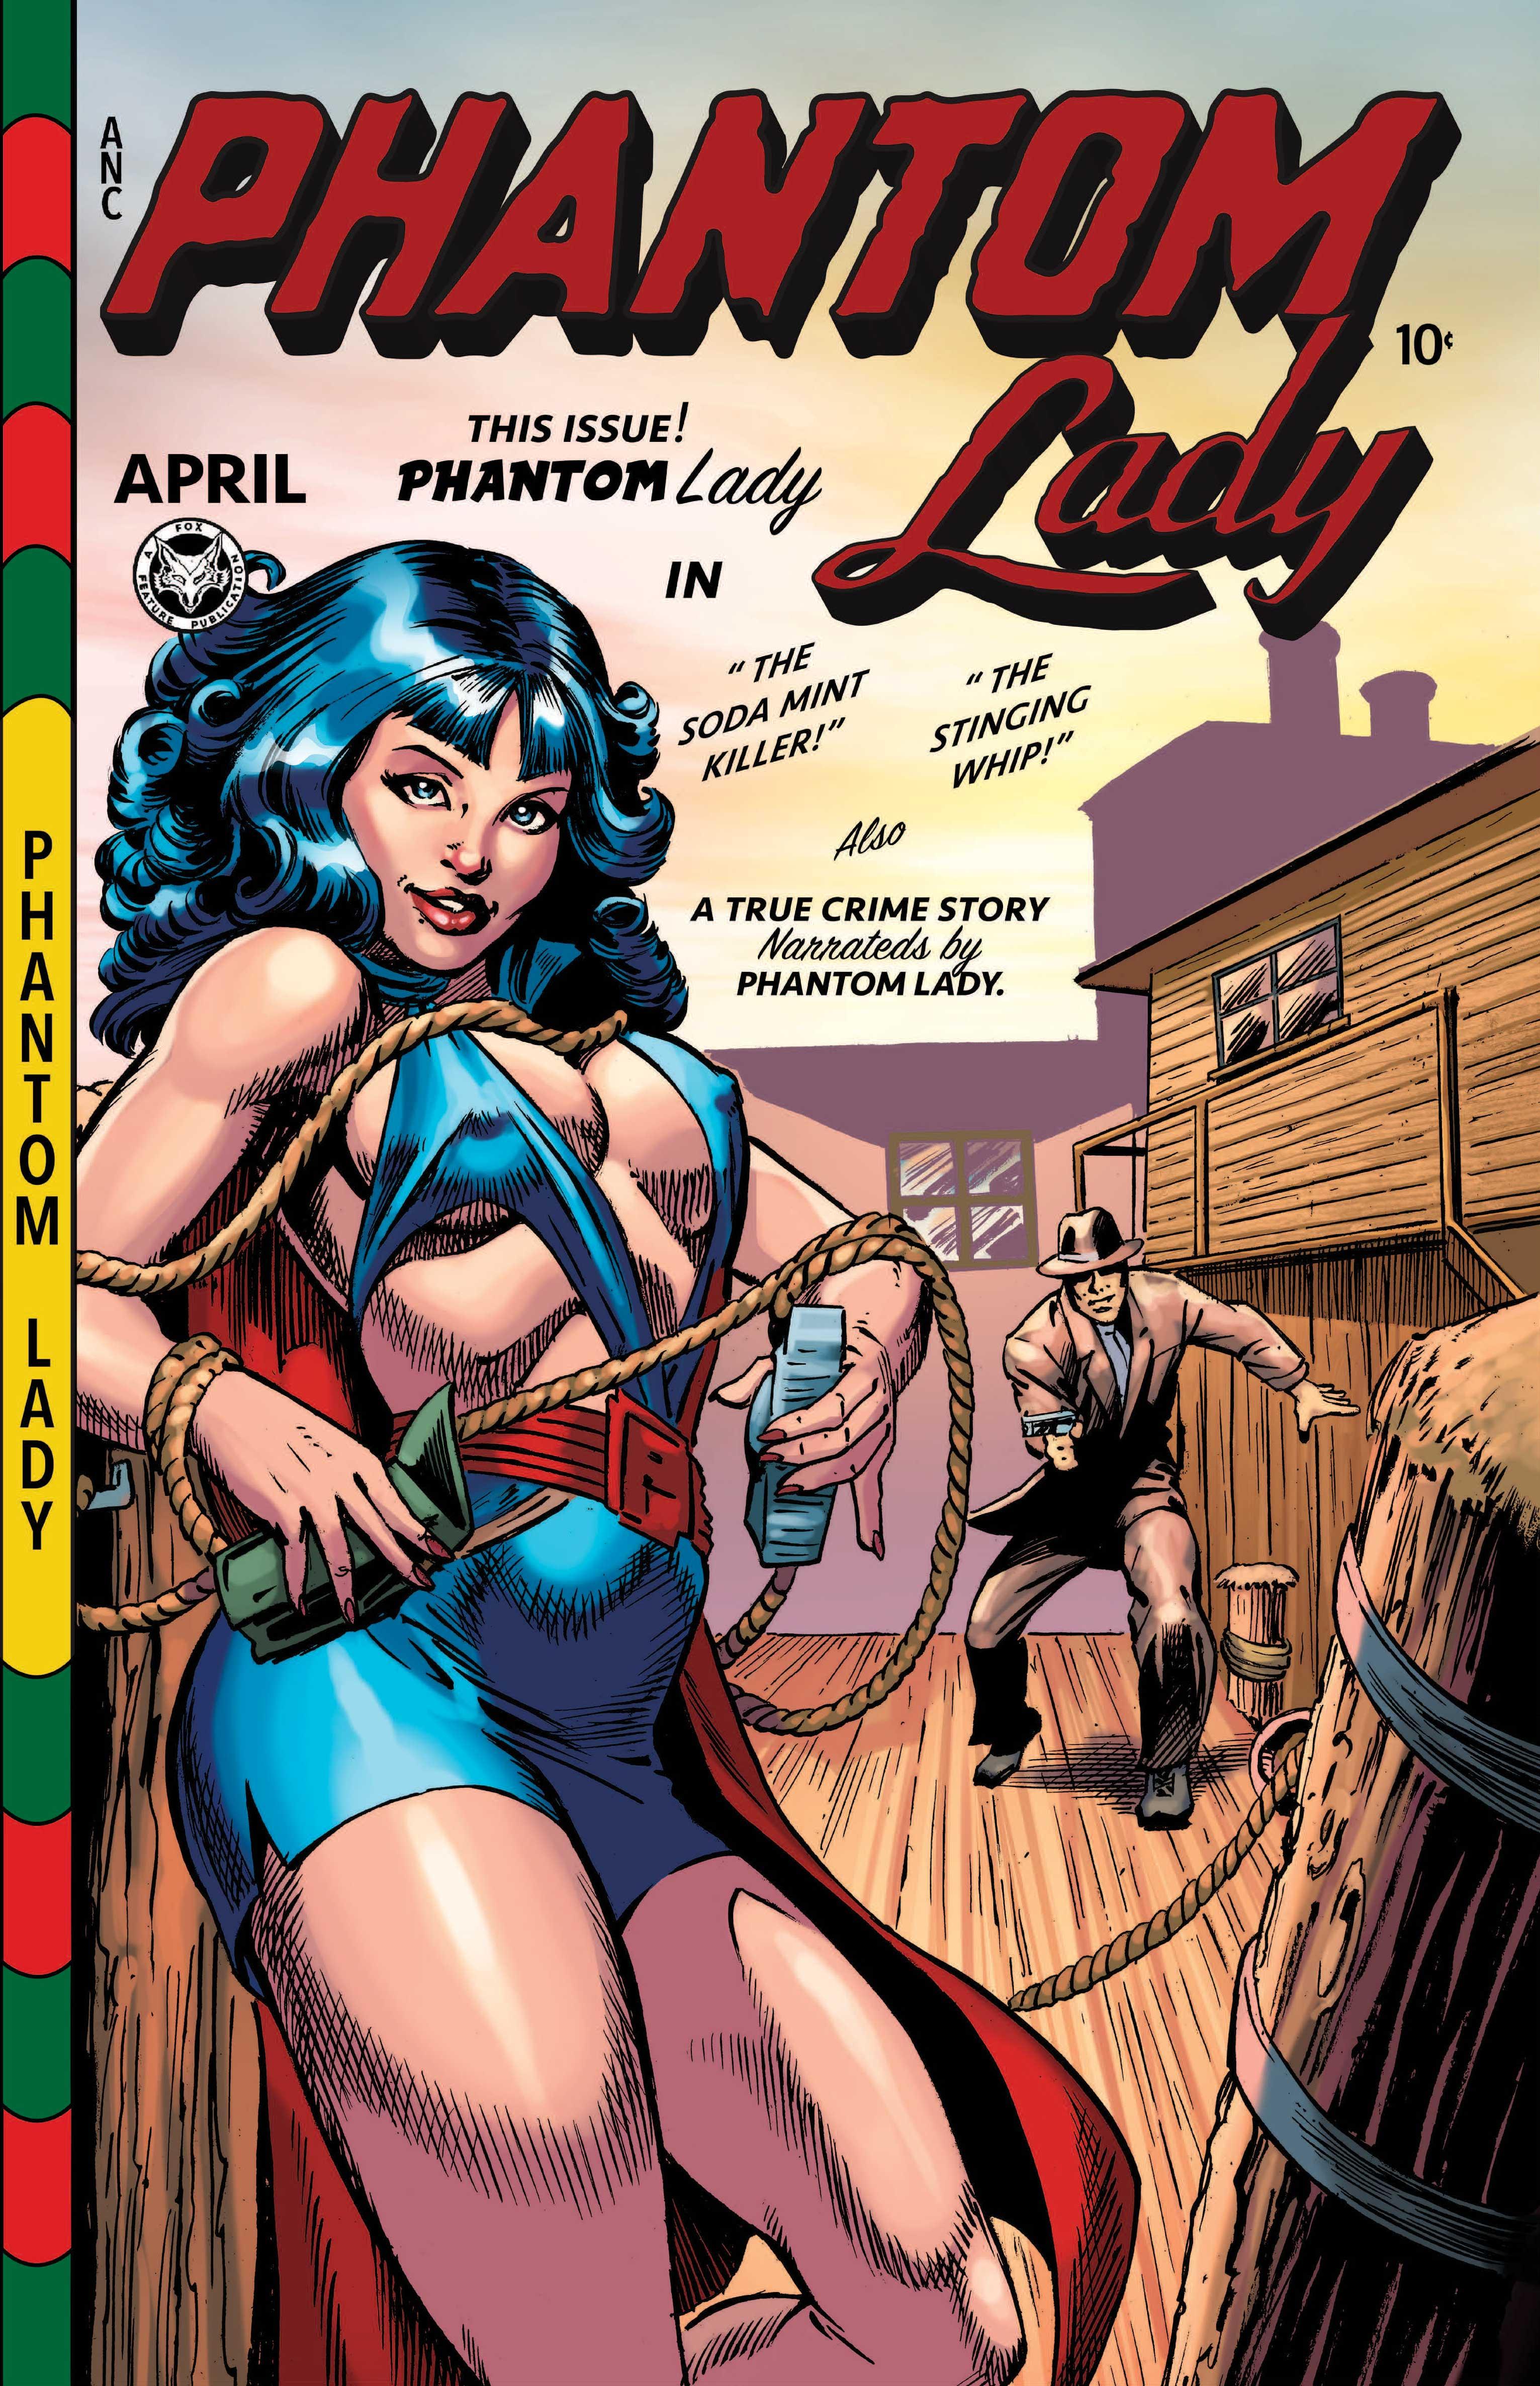 Book - PHANTOM LADY #17 PARTIAL: REPRINT